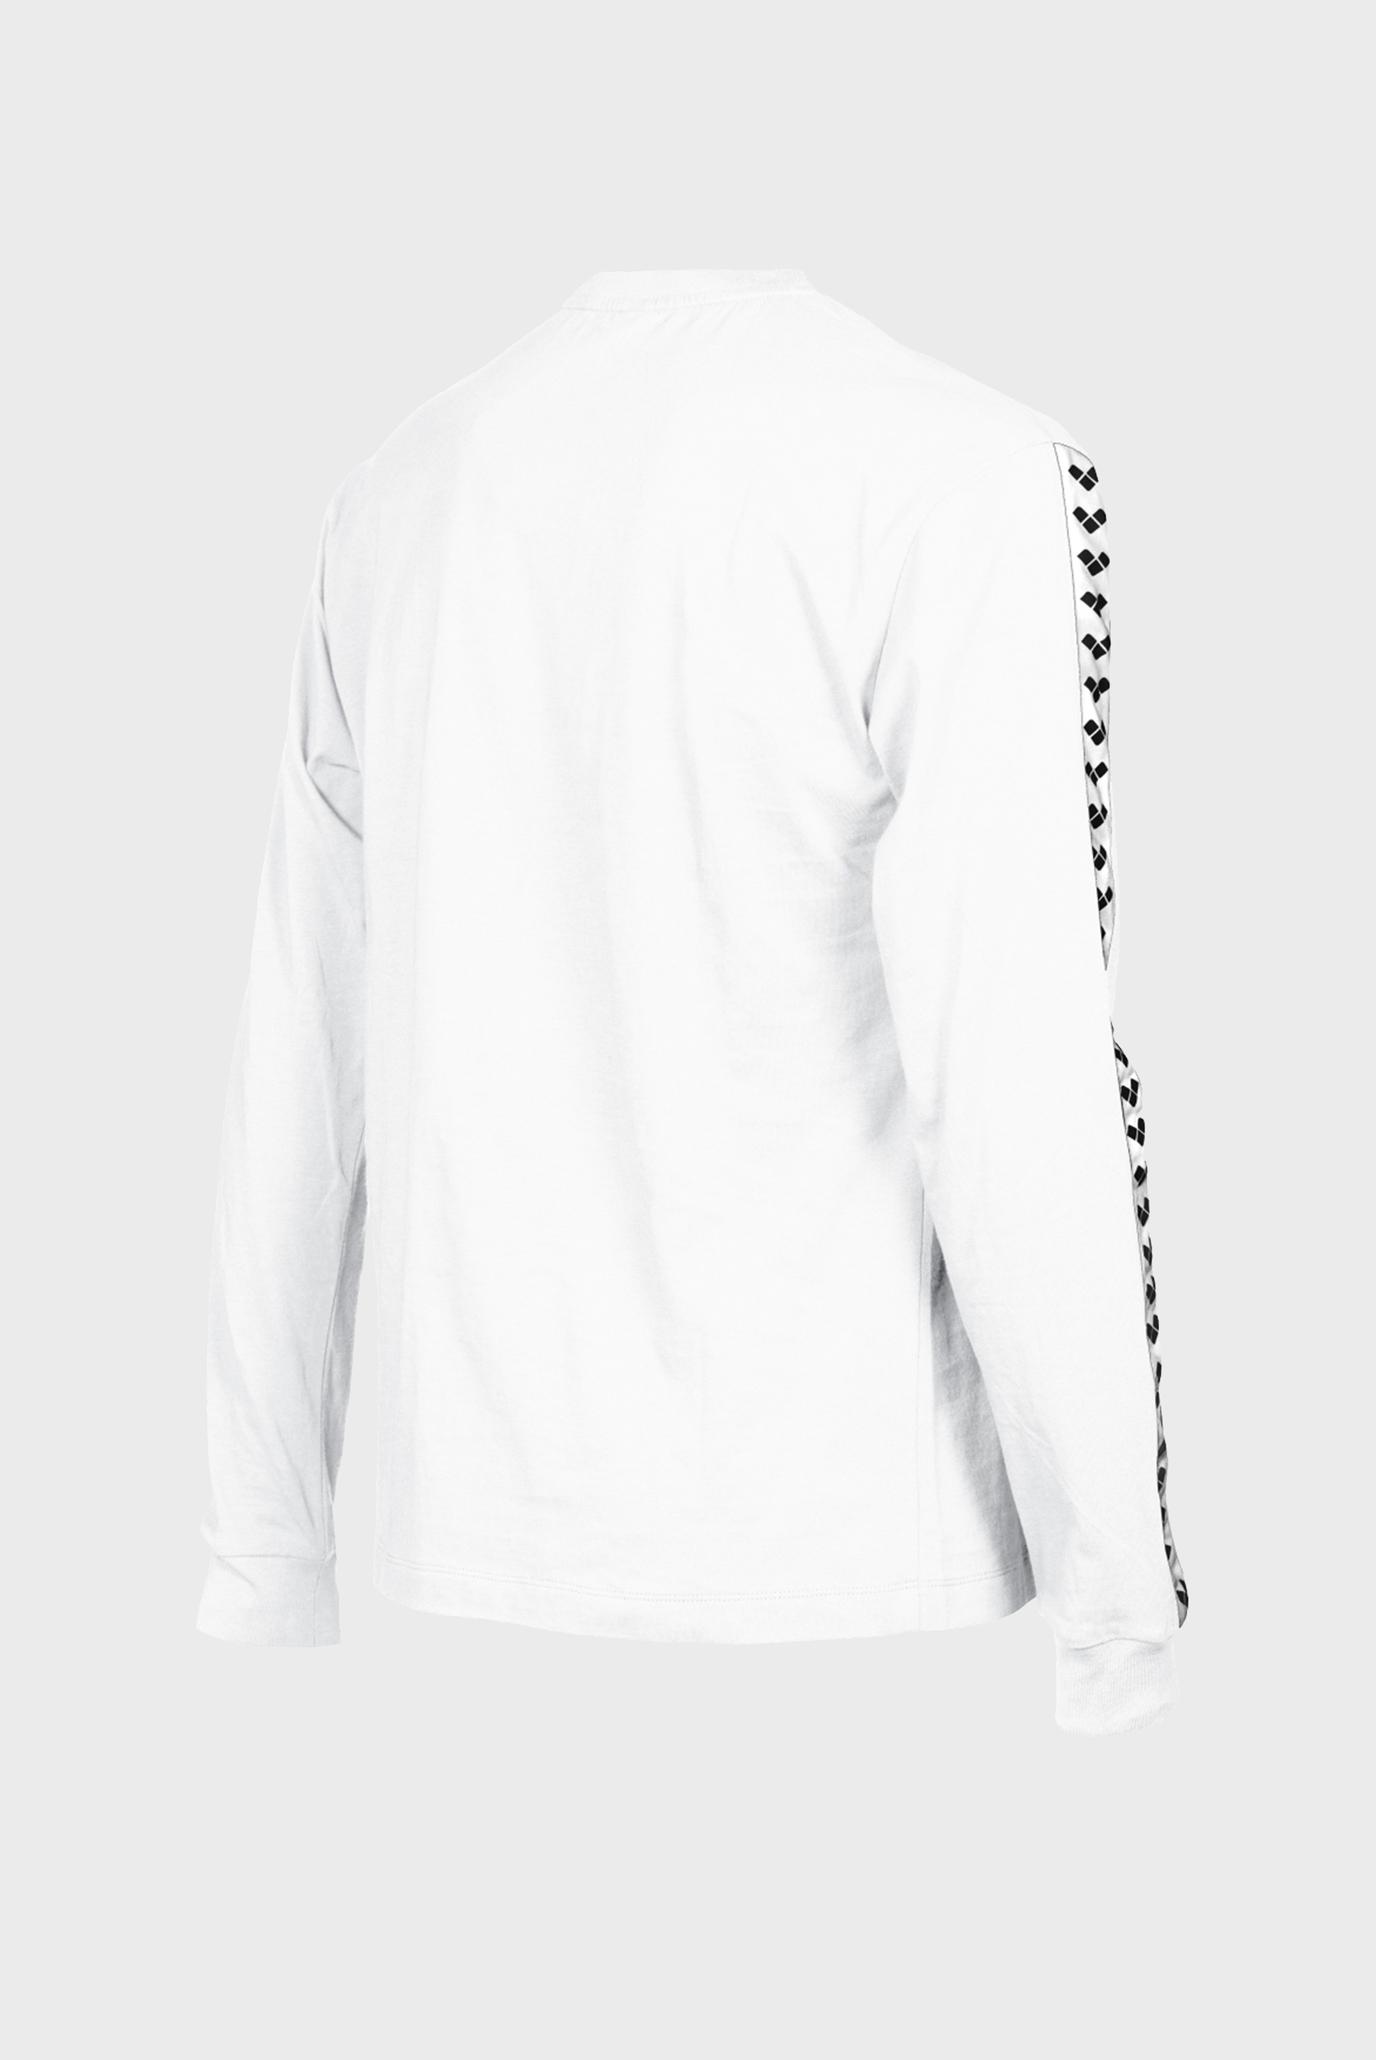 Купить Мужской белый лонгслив LONG SLEEVE SHIRT TEAM Arena Arena 001784-101 – Киев, Украина. Цены в интернет магазине MD Fashion